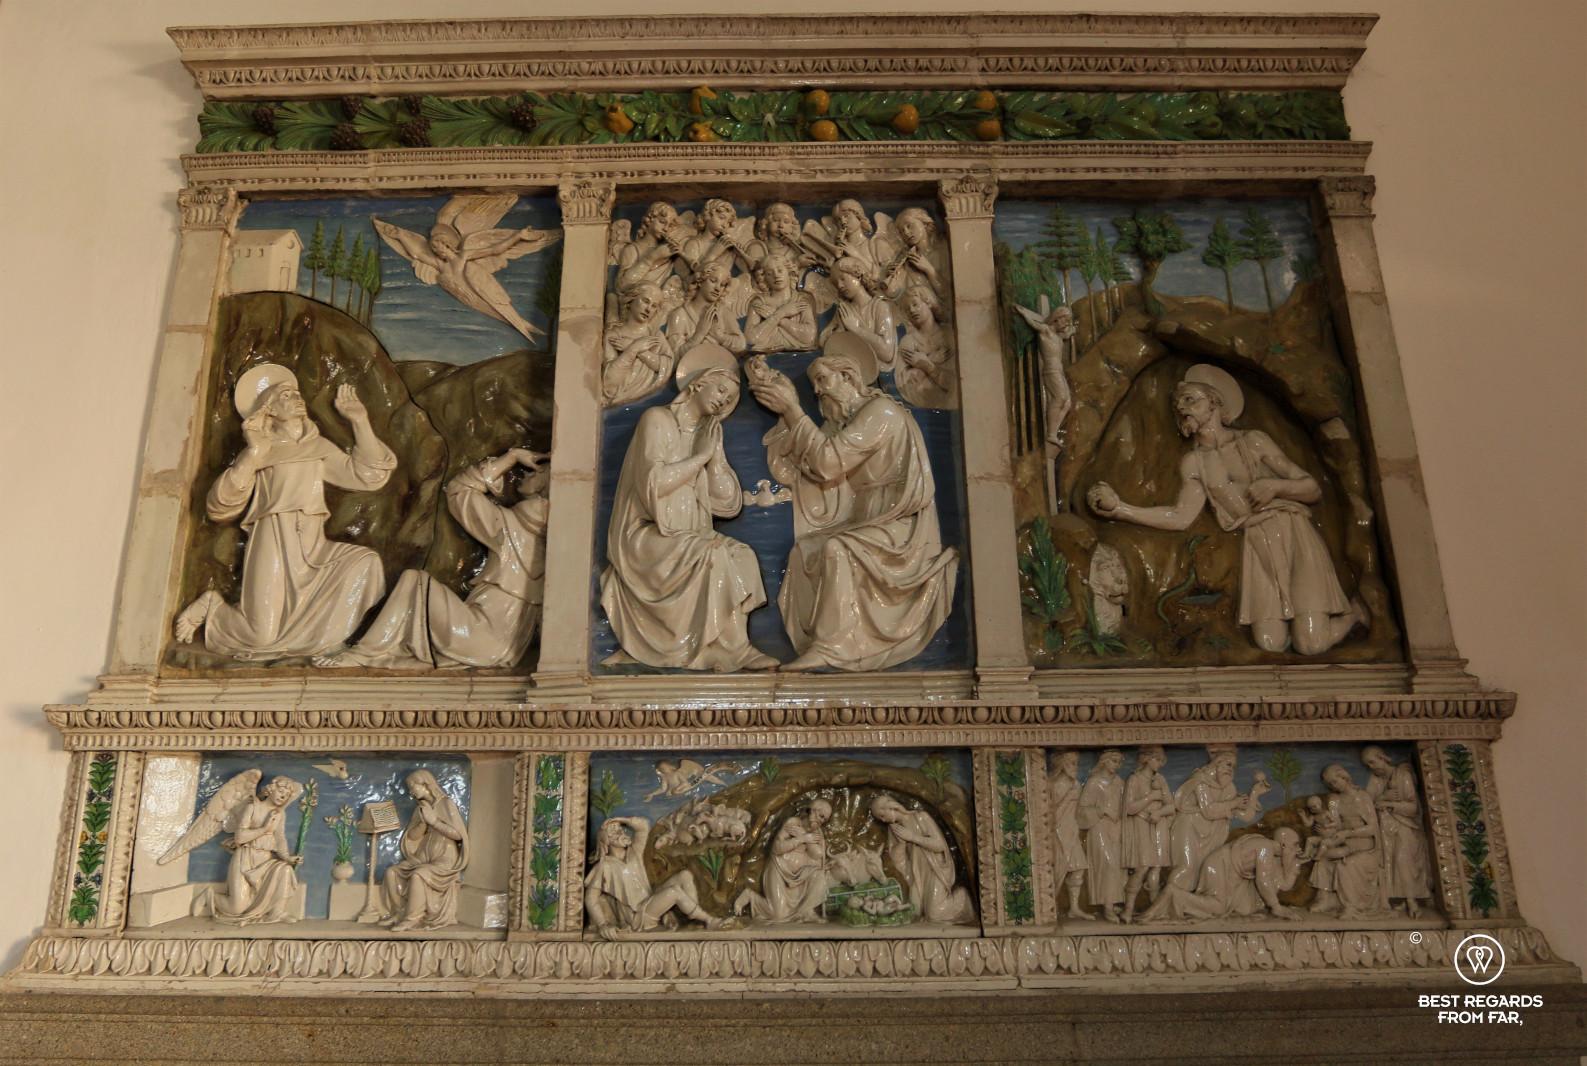 Terracotta art of Santa Fiora, Tuscany, Italy